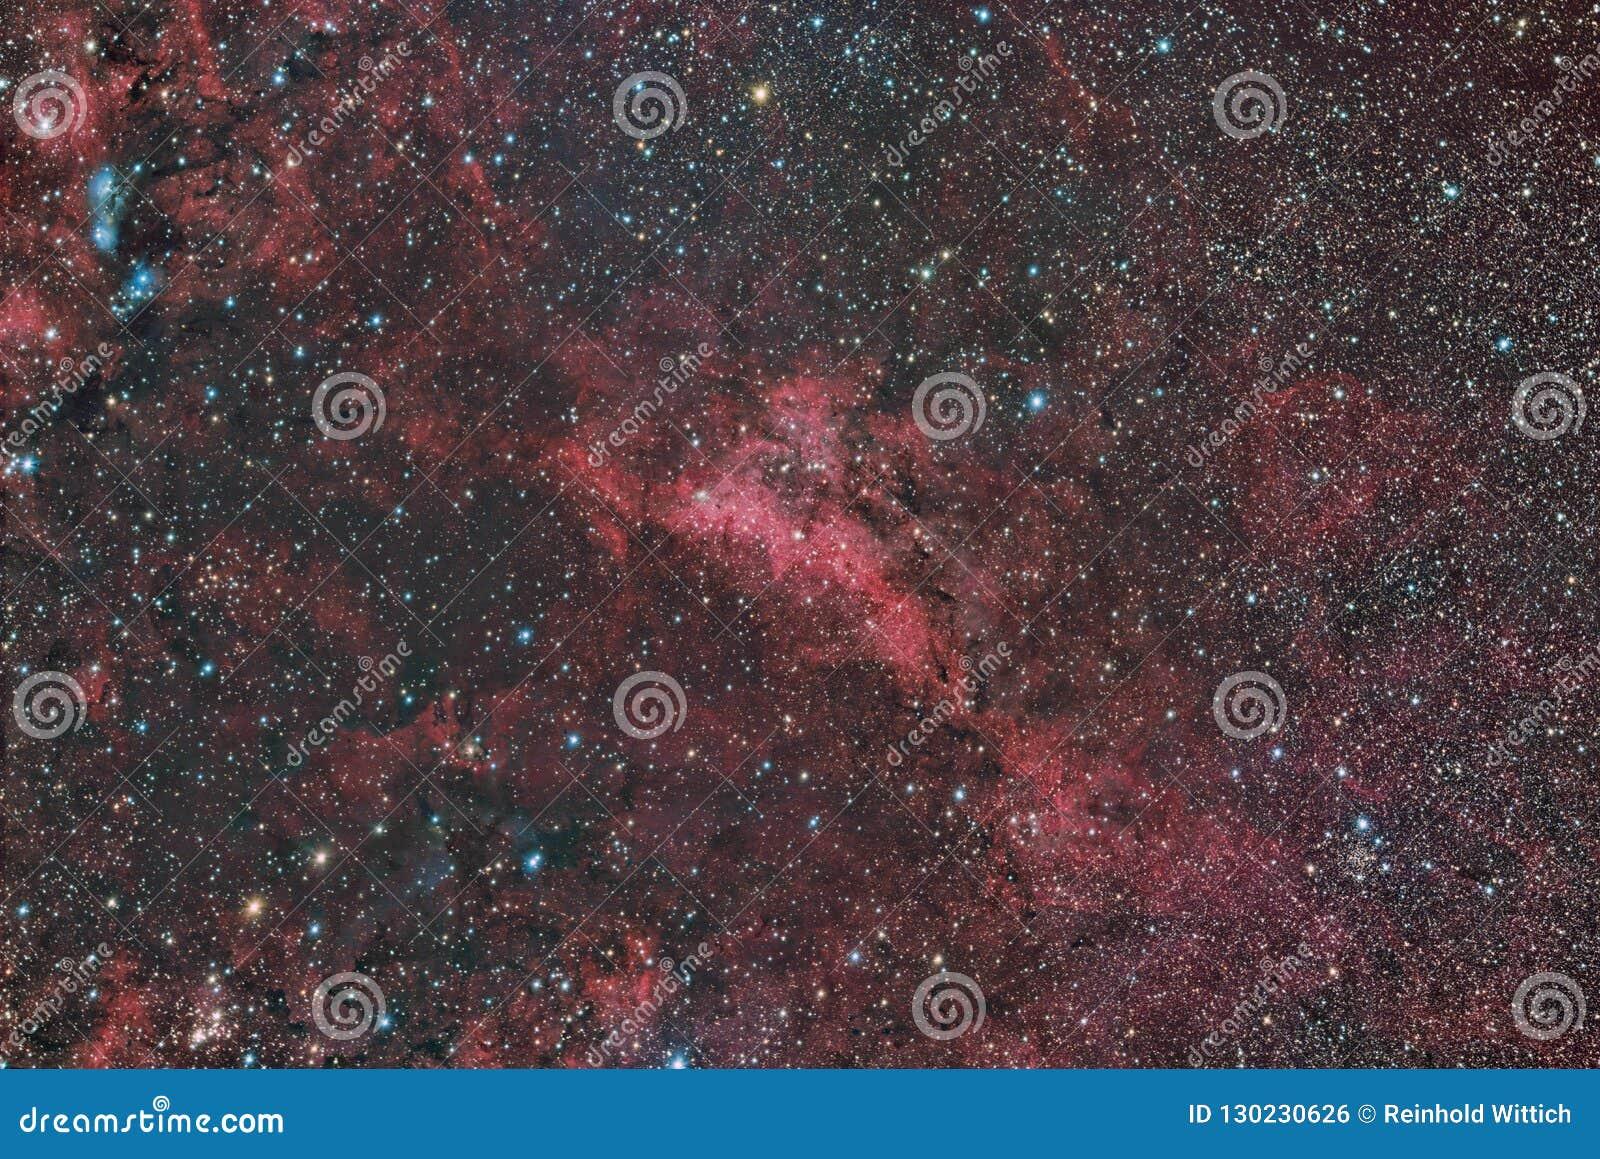 Emission LBN 251 und Reflexionsnebelfleck im Konstellation Cygnus